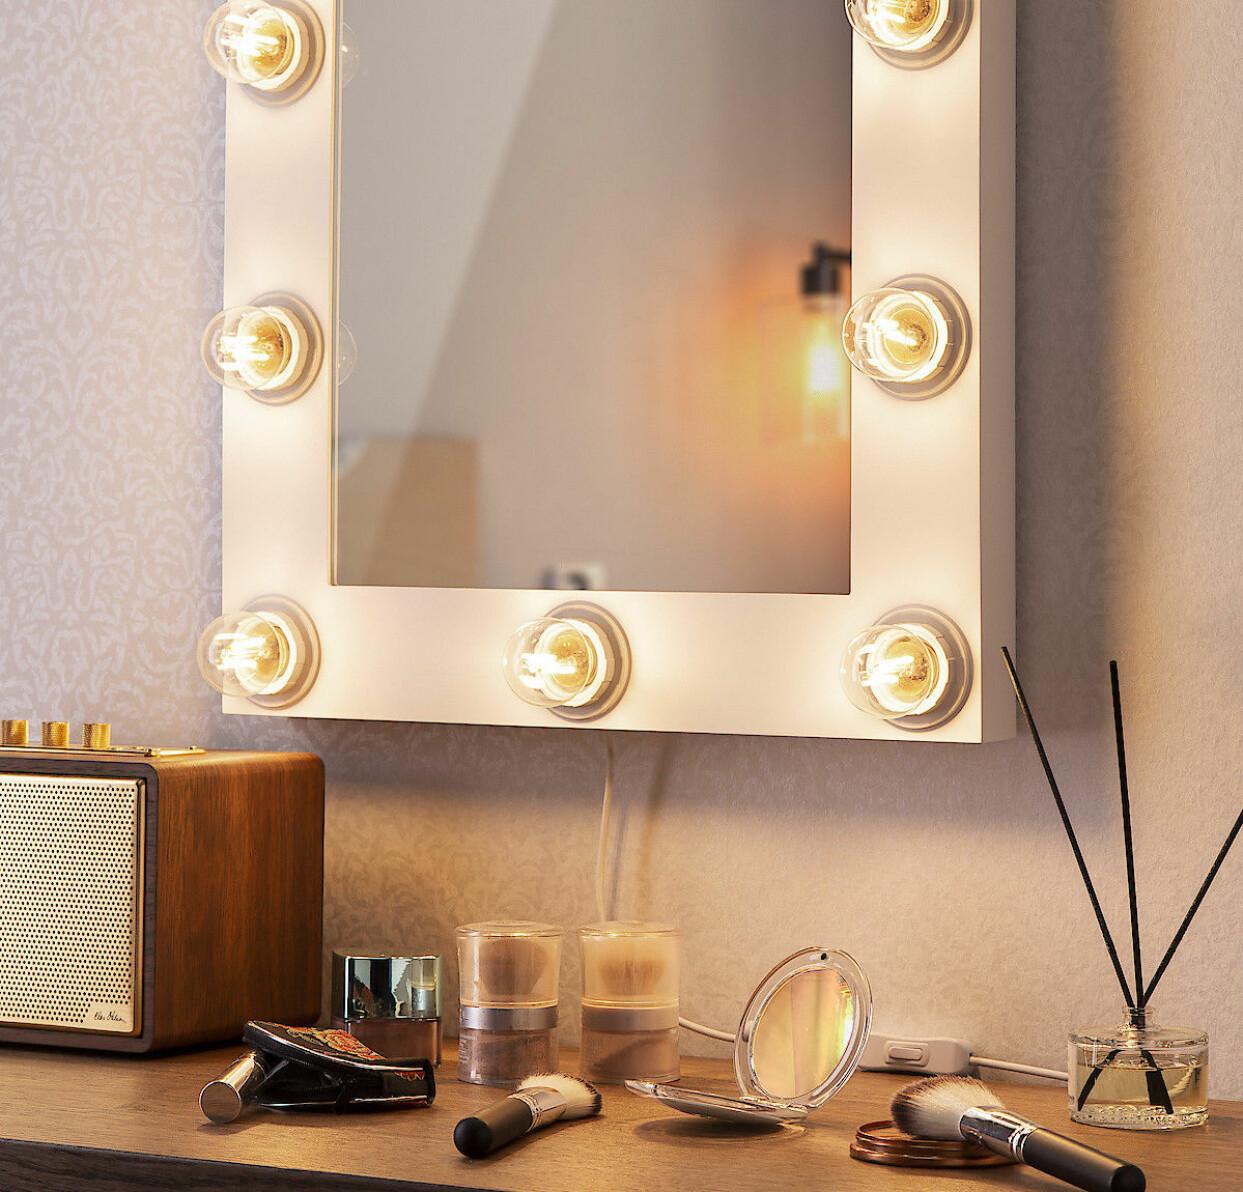 Spegel med belysning, från Northlight, Clas Ohlson